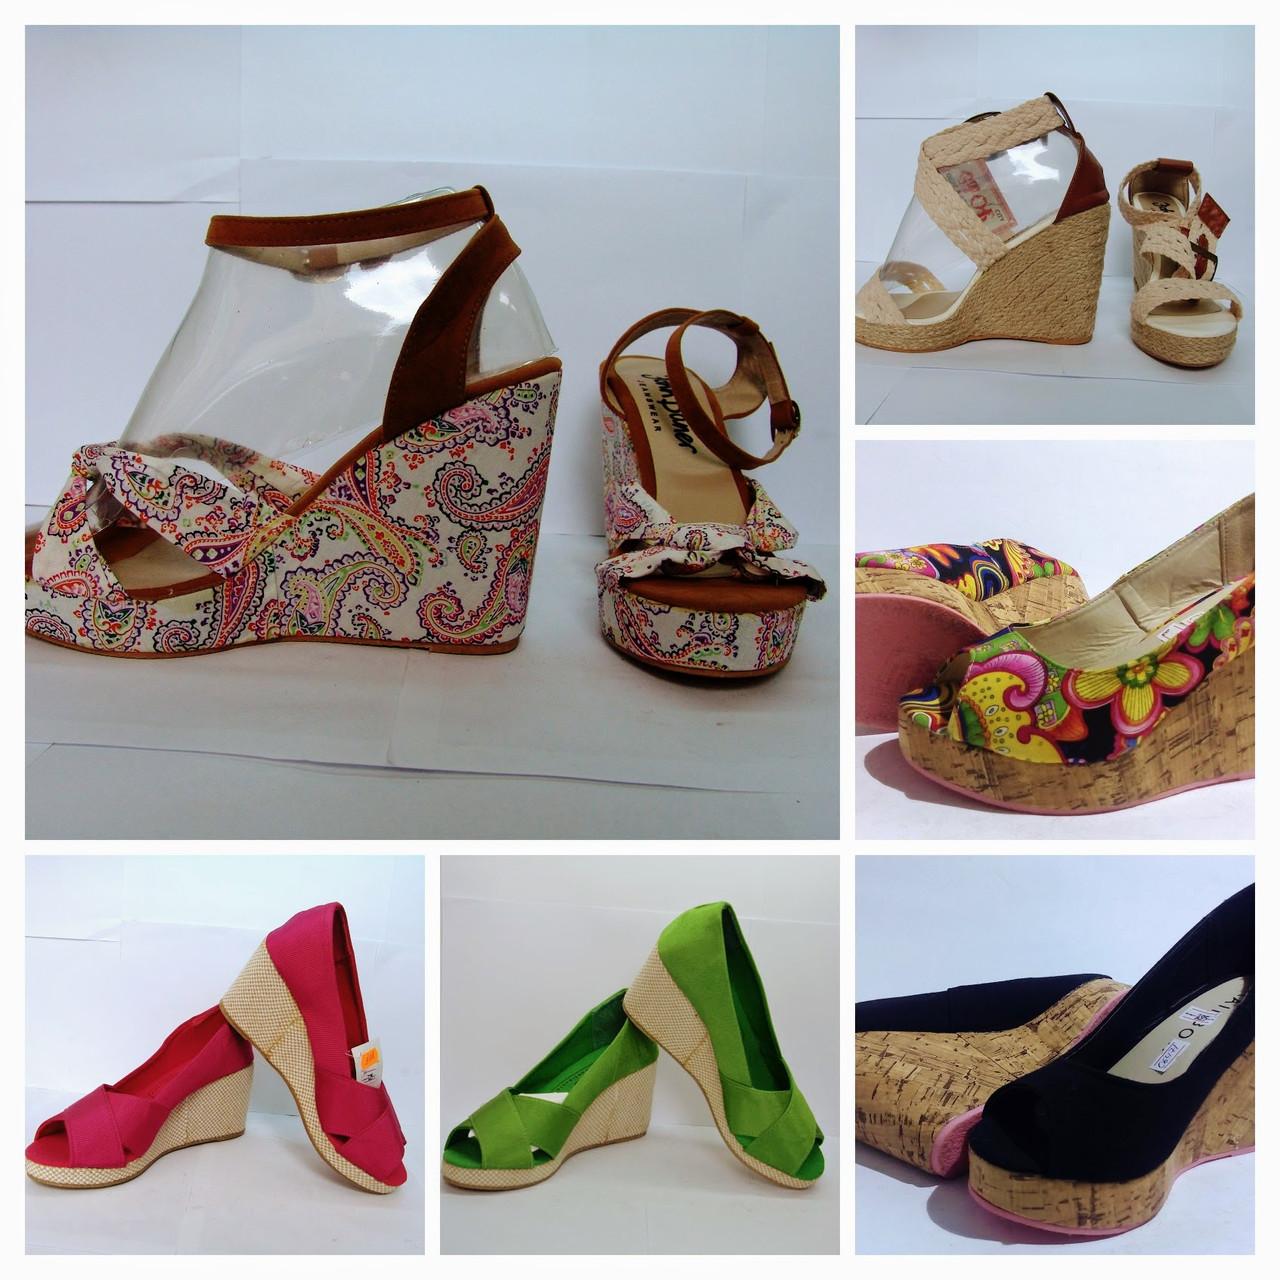 b15714230 Сток женской обуви - Германия и Италия - Магазин семейных покупок